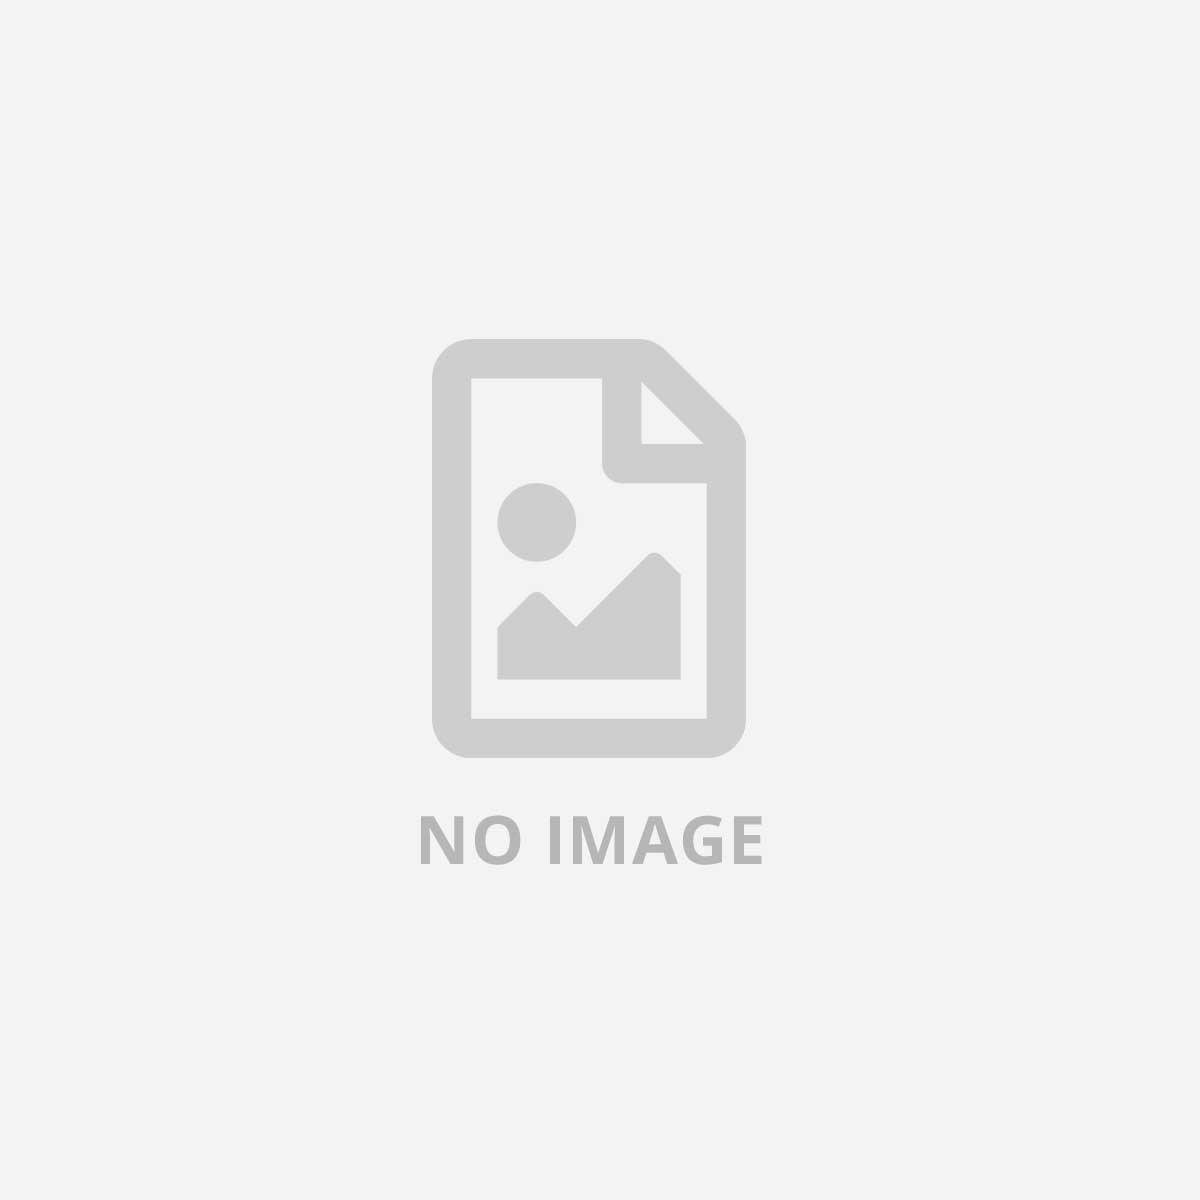 WATCHGUARD WTG AP125 1Y SECURE WI-FI